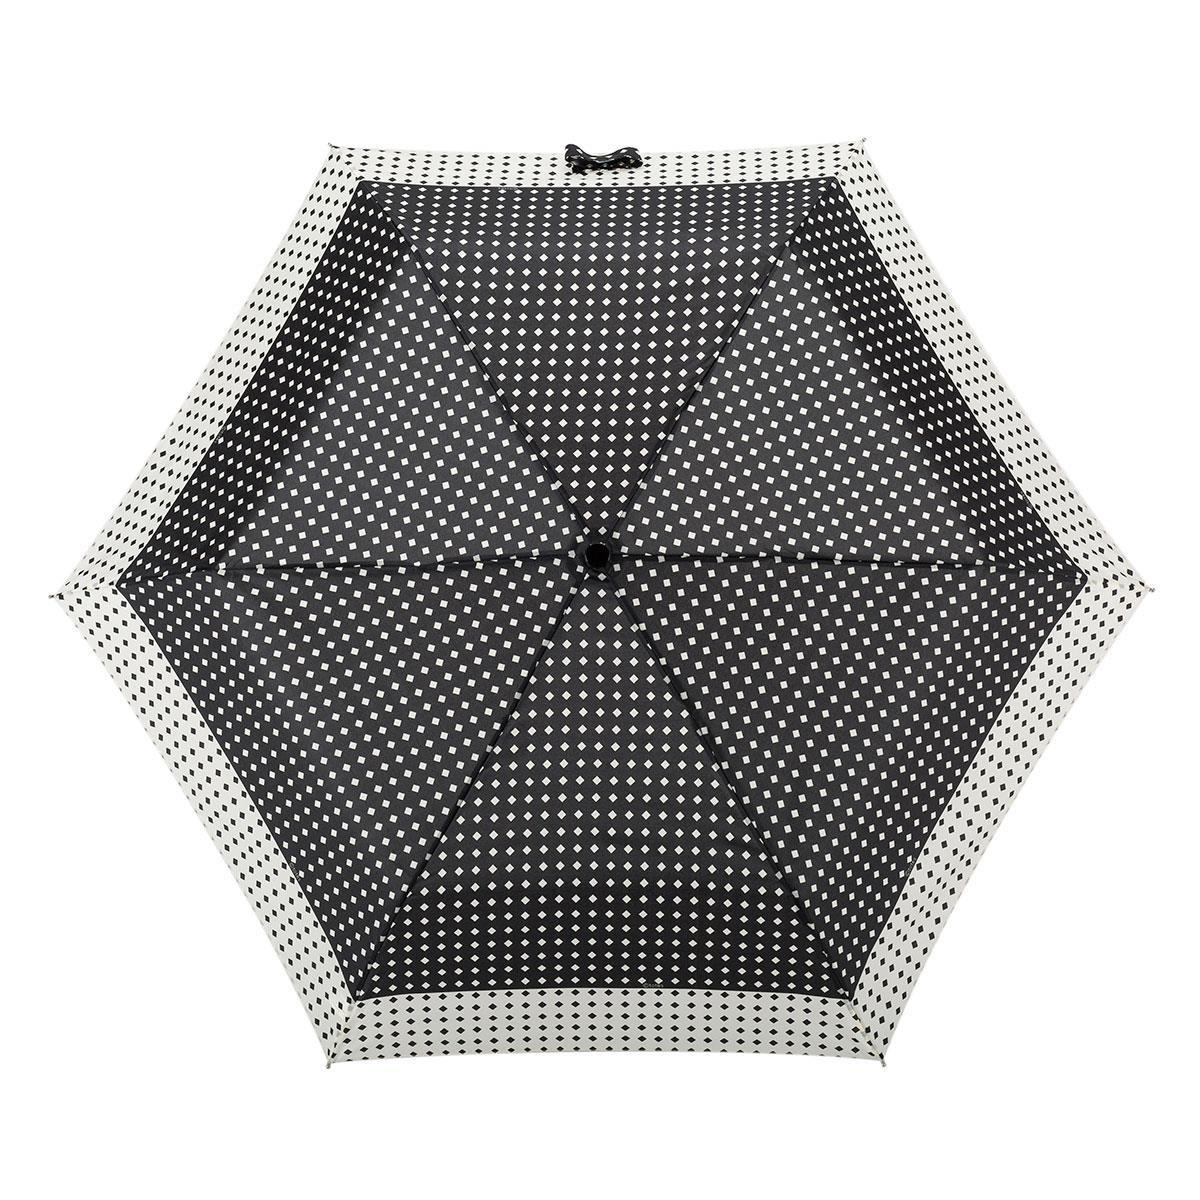 Isotoner – Paraguas supermini para mujer, diseño de lunares, color blanco y negro: Amazon.es: Zapatos y complementos